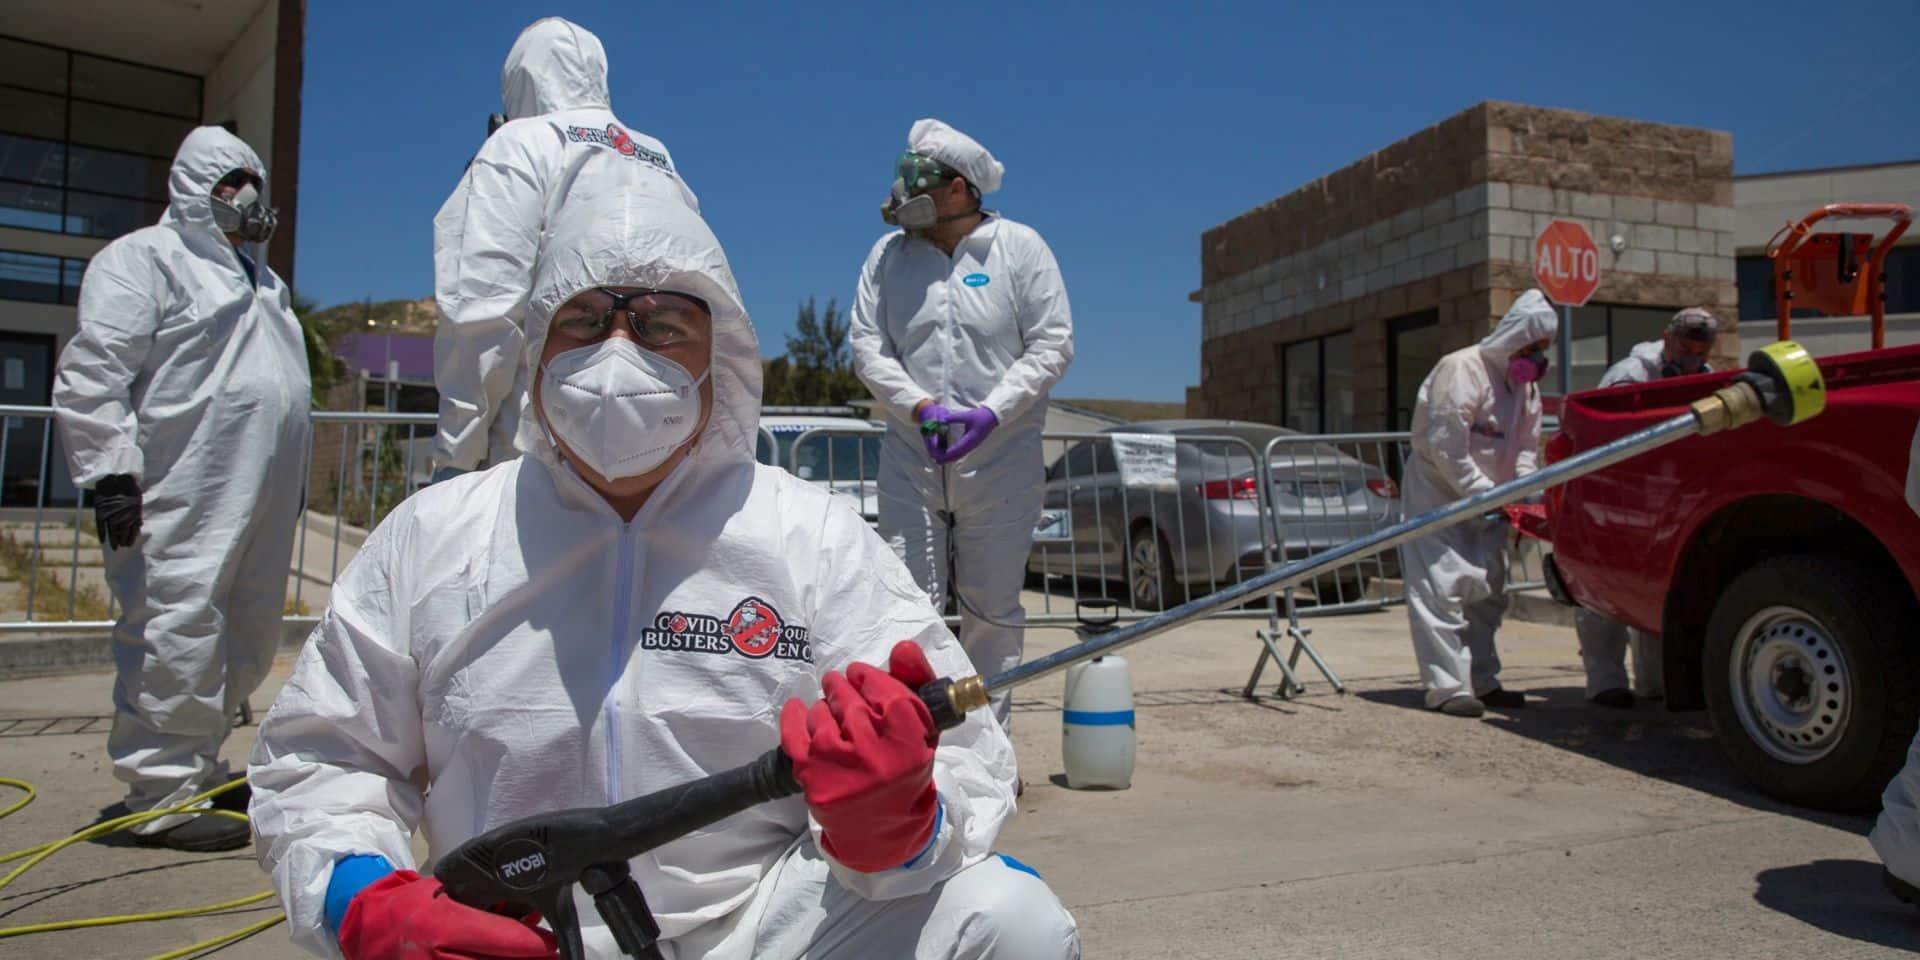 Coronavirus: la pandémie menace de repartir en Europe alors que l'Inde dépasse les 500.000 cas